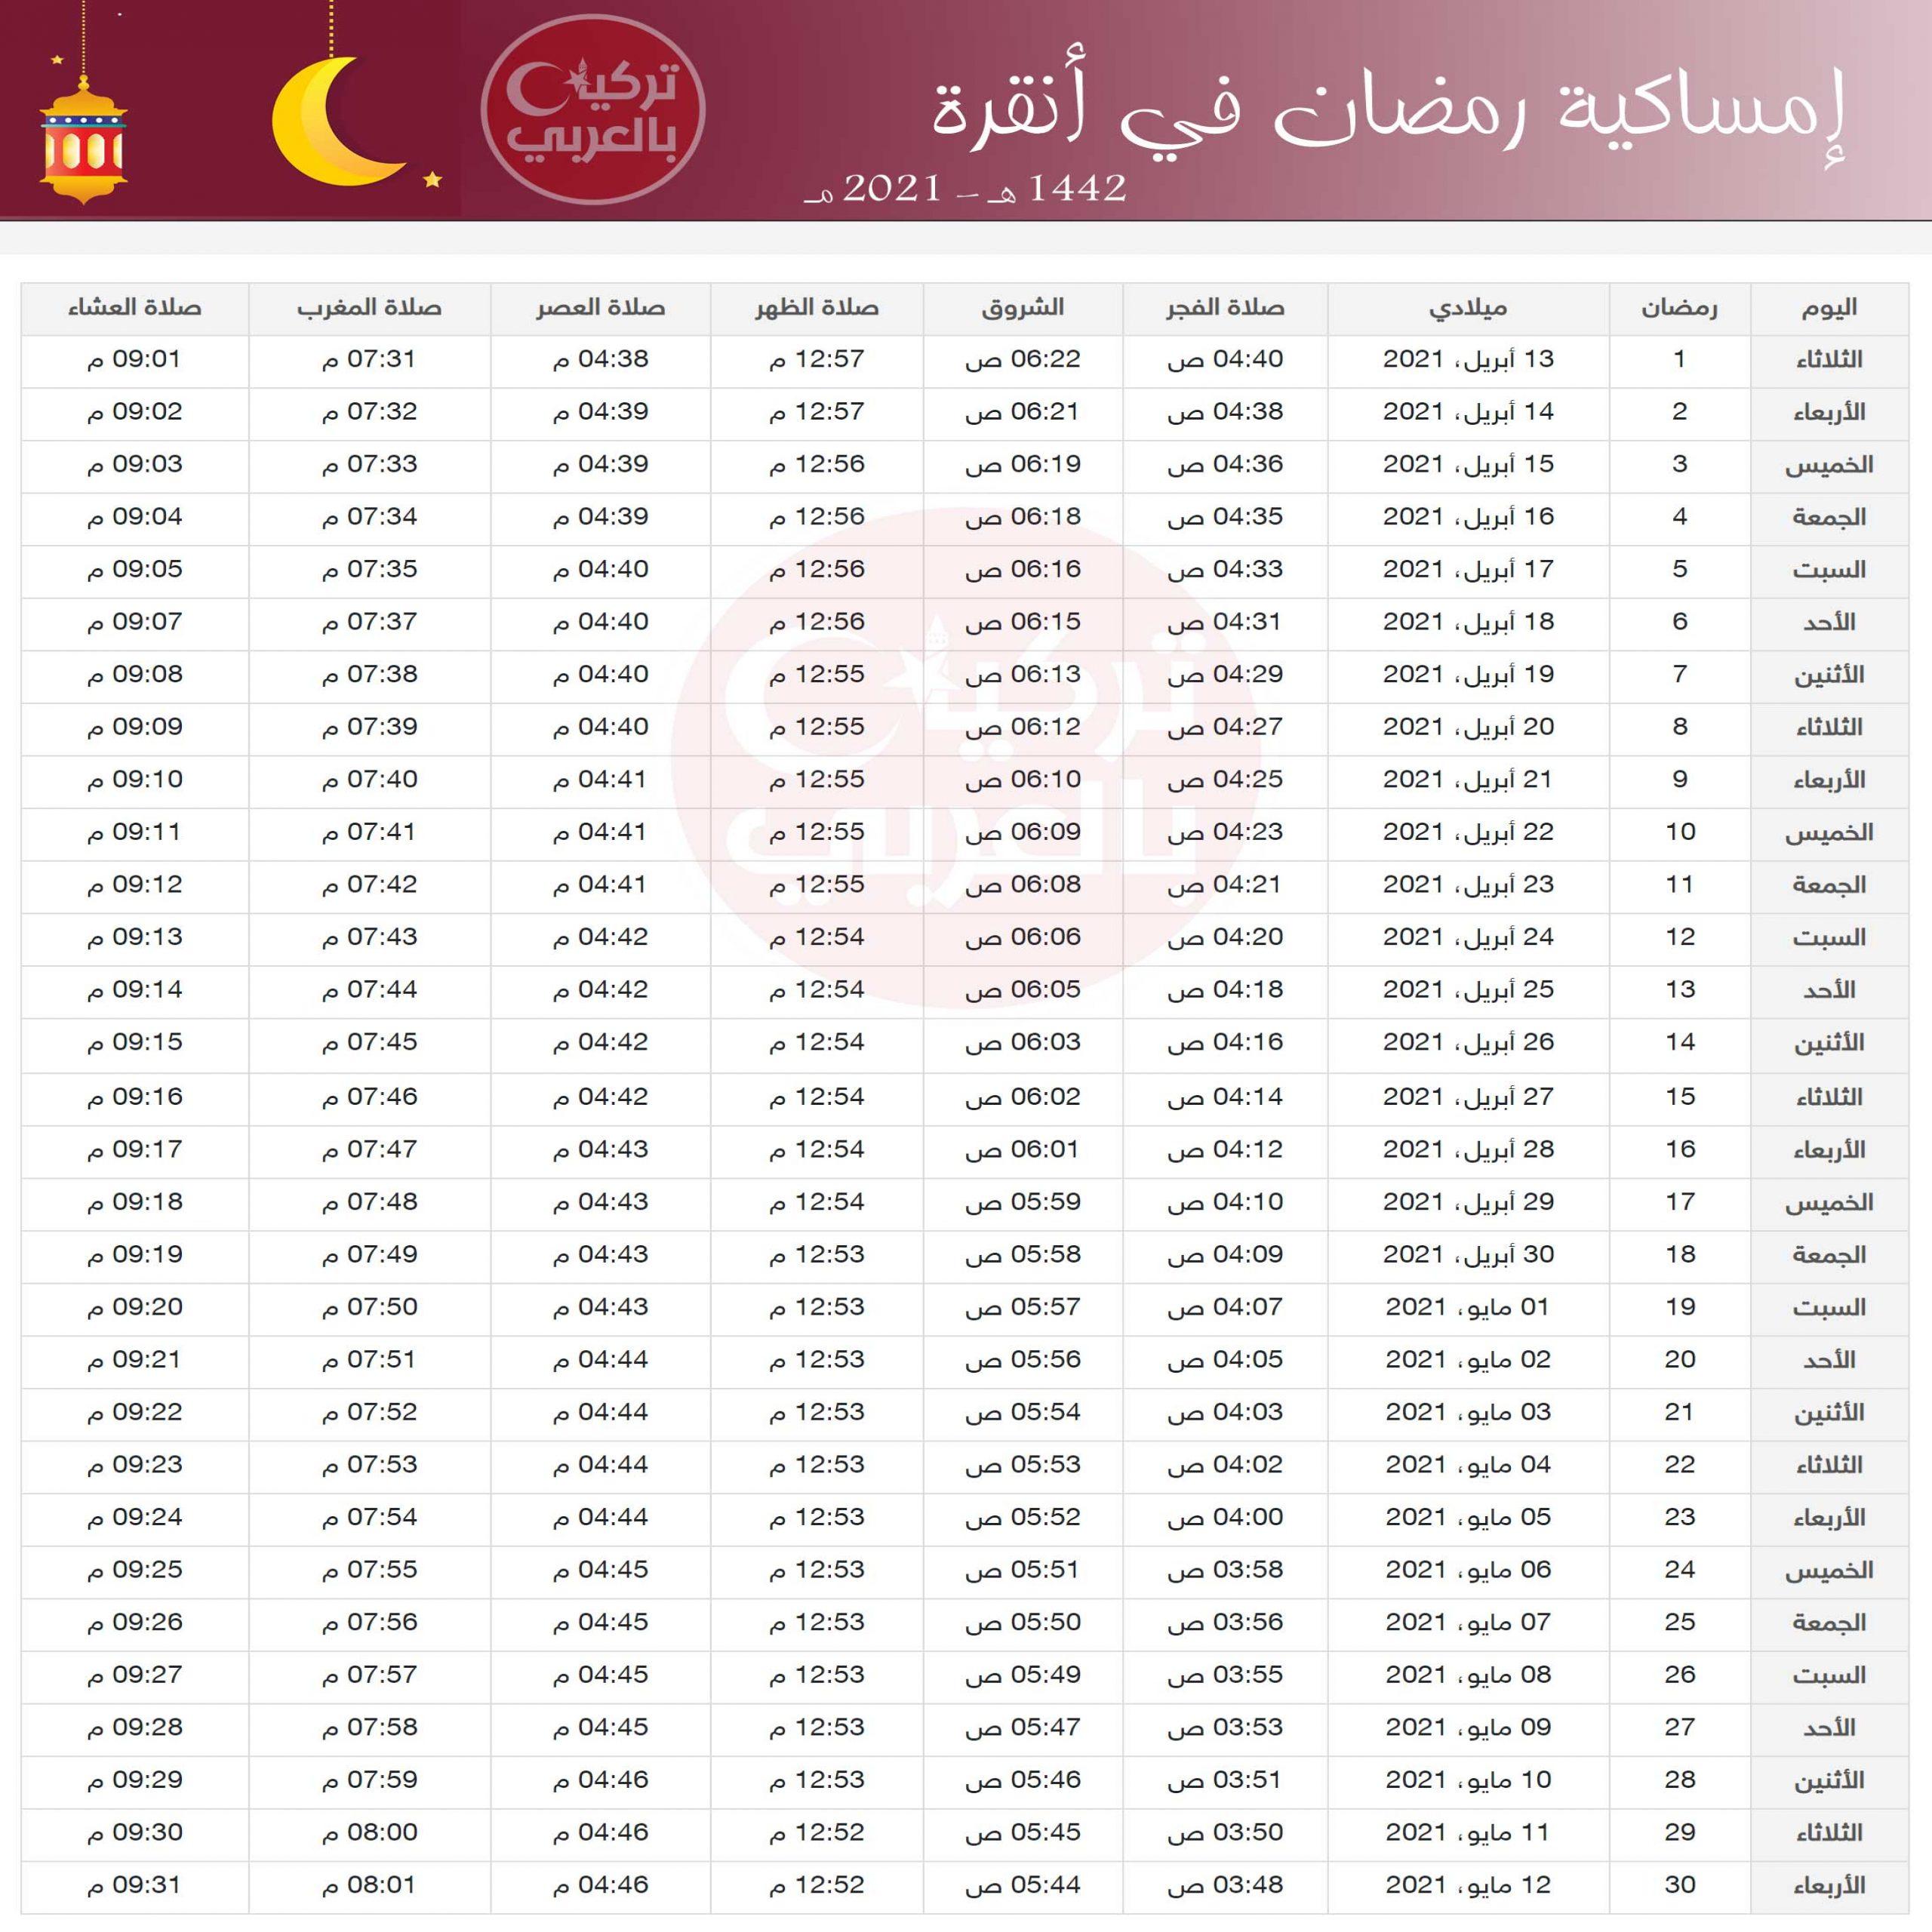 إمساكية رمضان أنقرة 2021 2 scaled - تركيا بالعربي